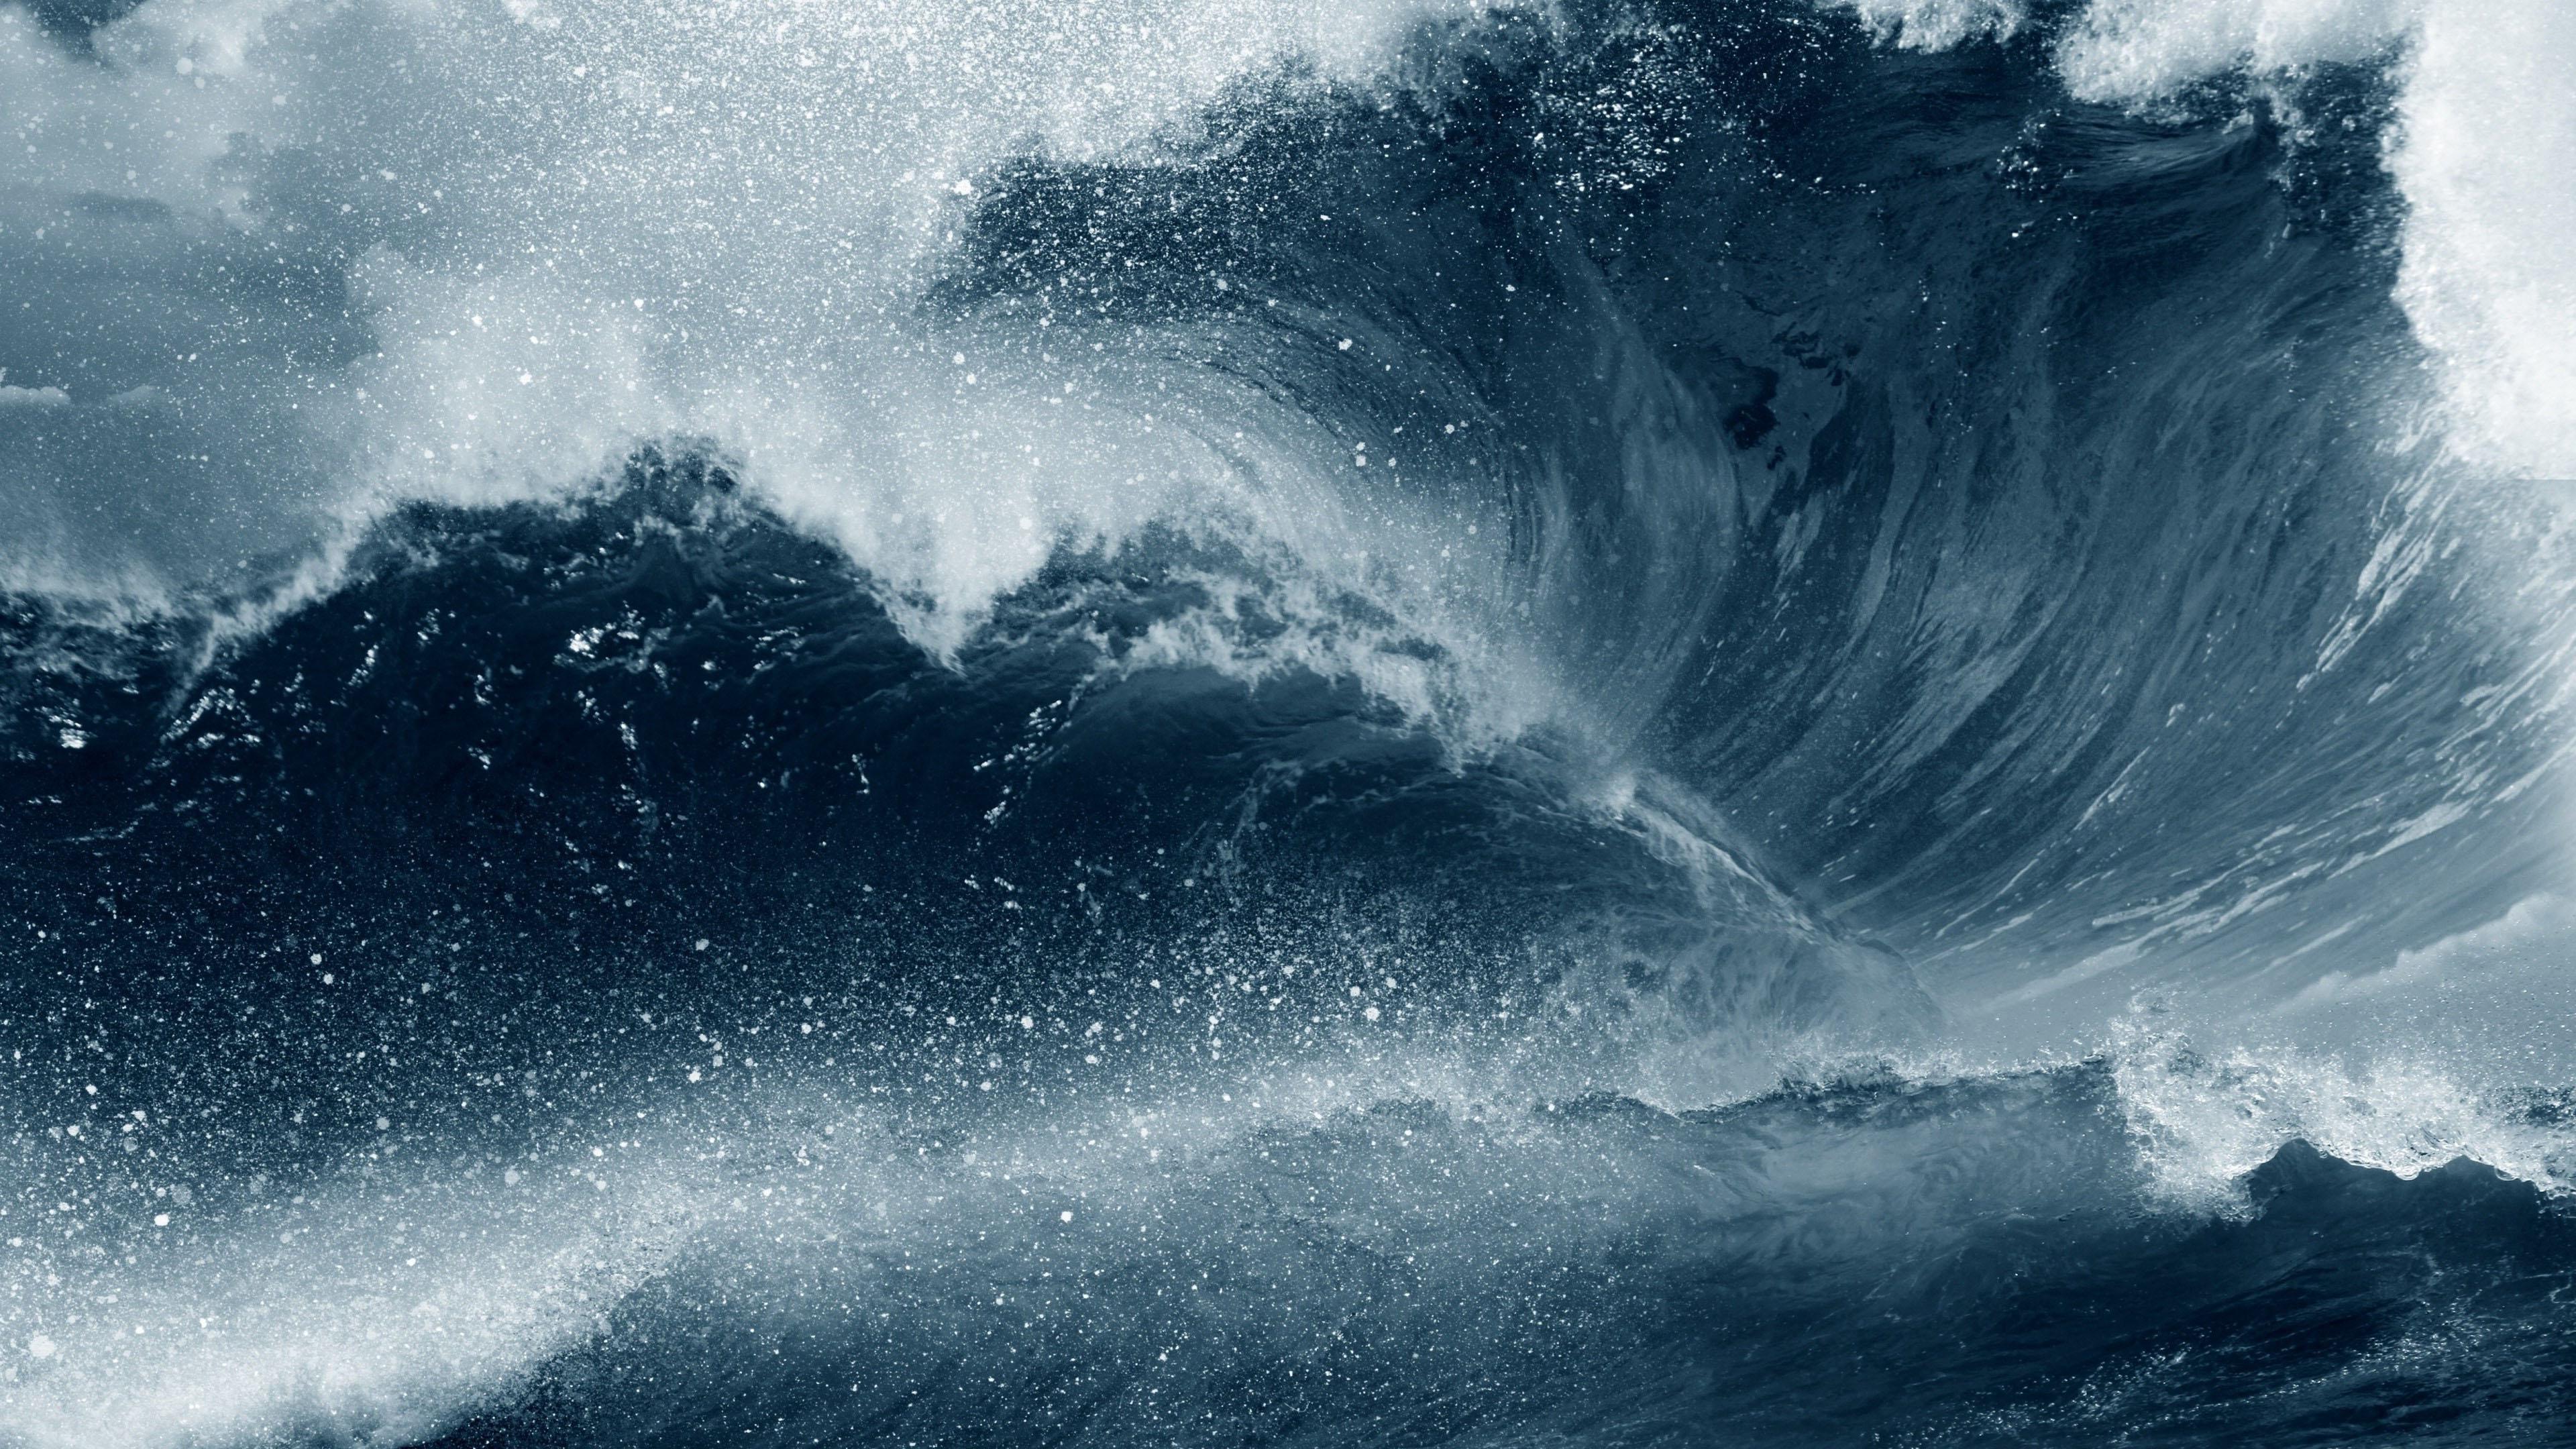 обои морская волна фото, природа, море, пена, 4k ultra hd, 3840 на 2160 пикселей